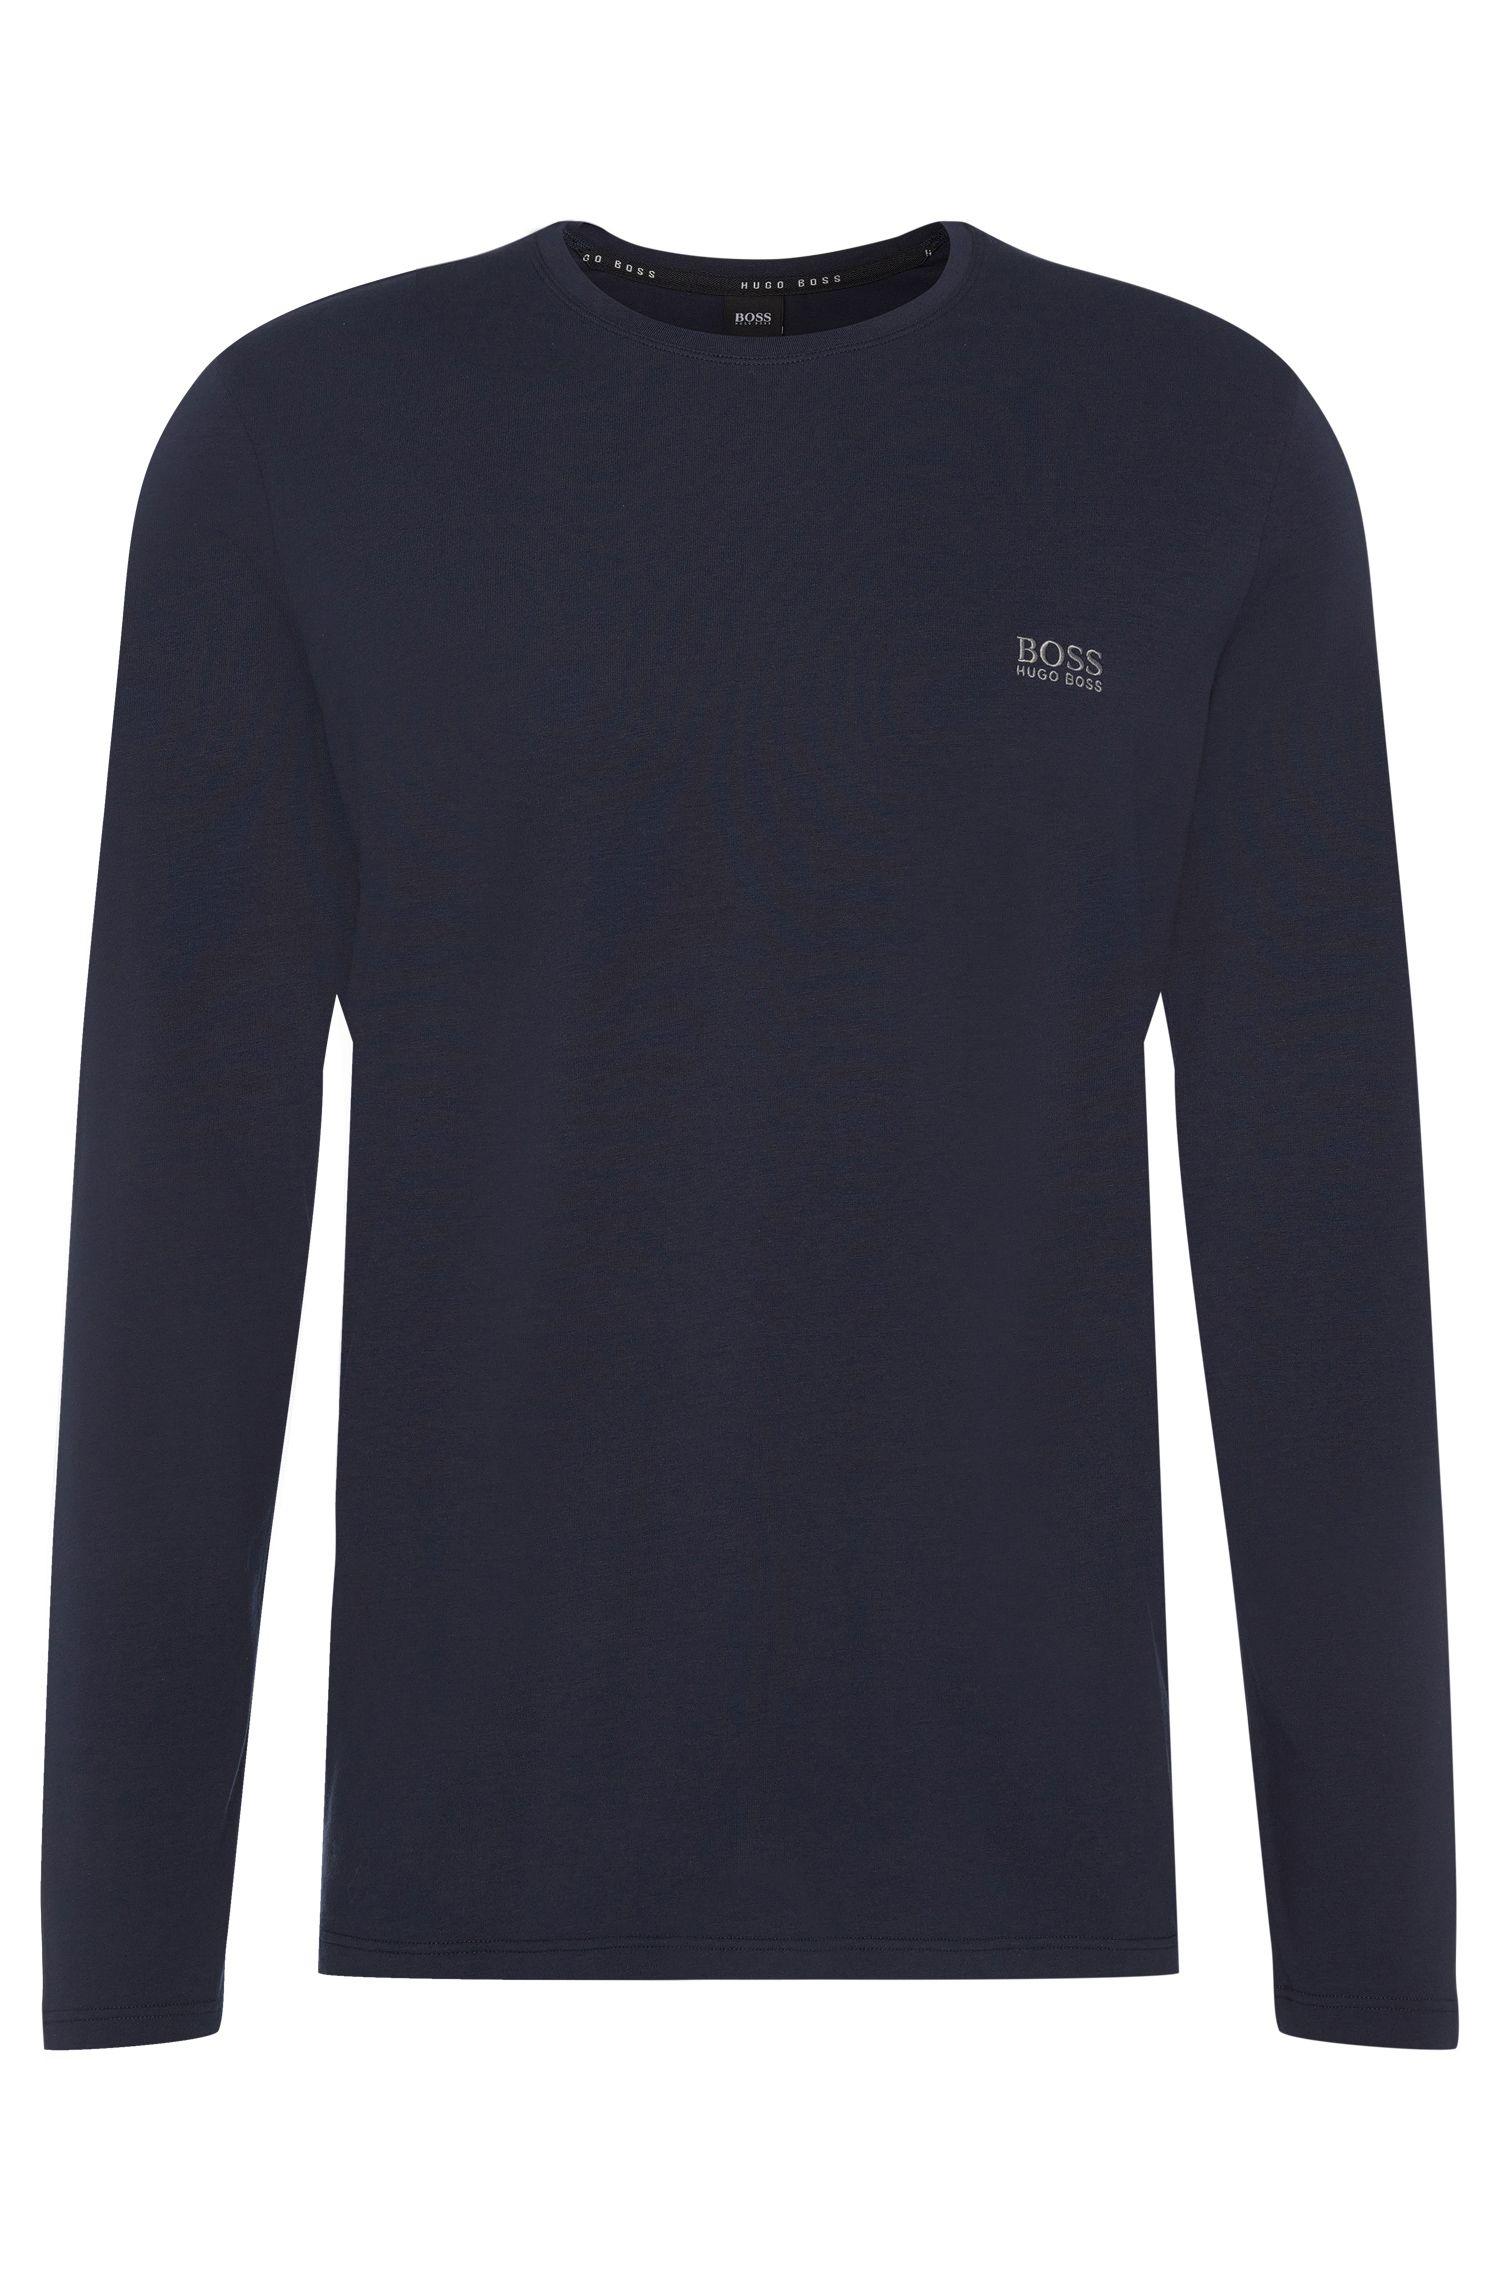 Maglia a maniche lunghe in jersey di cotone elasticizzato